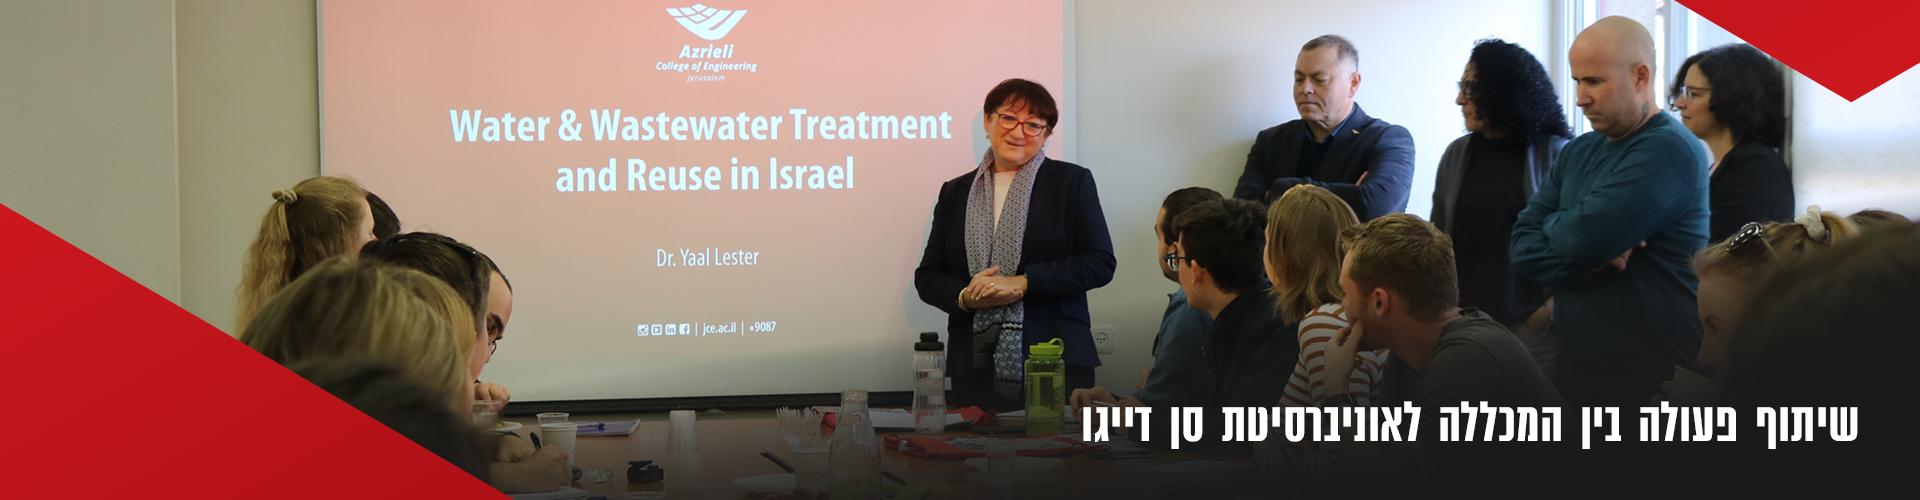 שתוף פעולה אקדמי בין ירושלים לסאן דייגו – קורס משותף בתחום המים